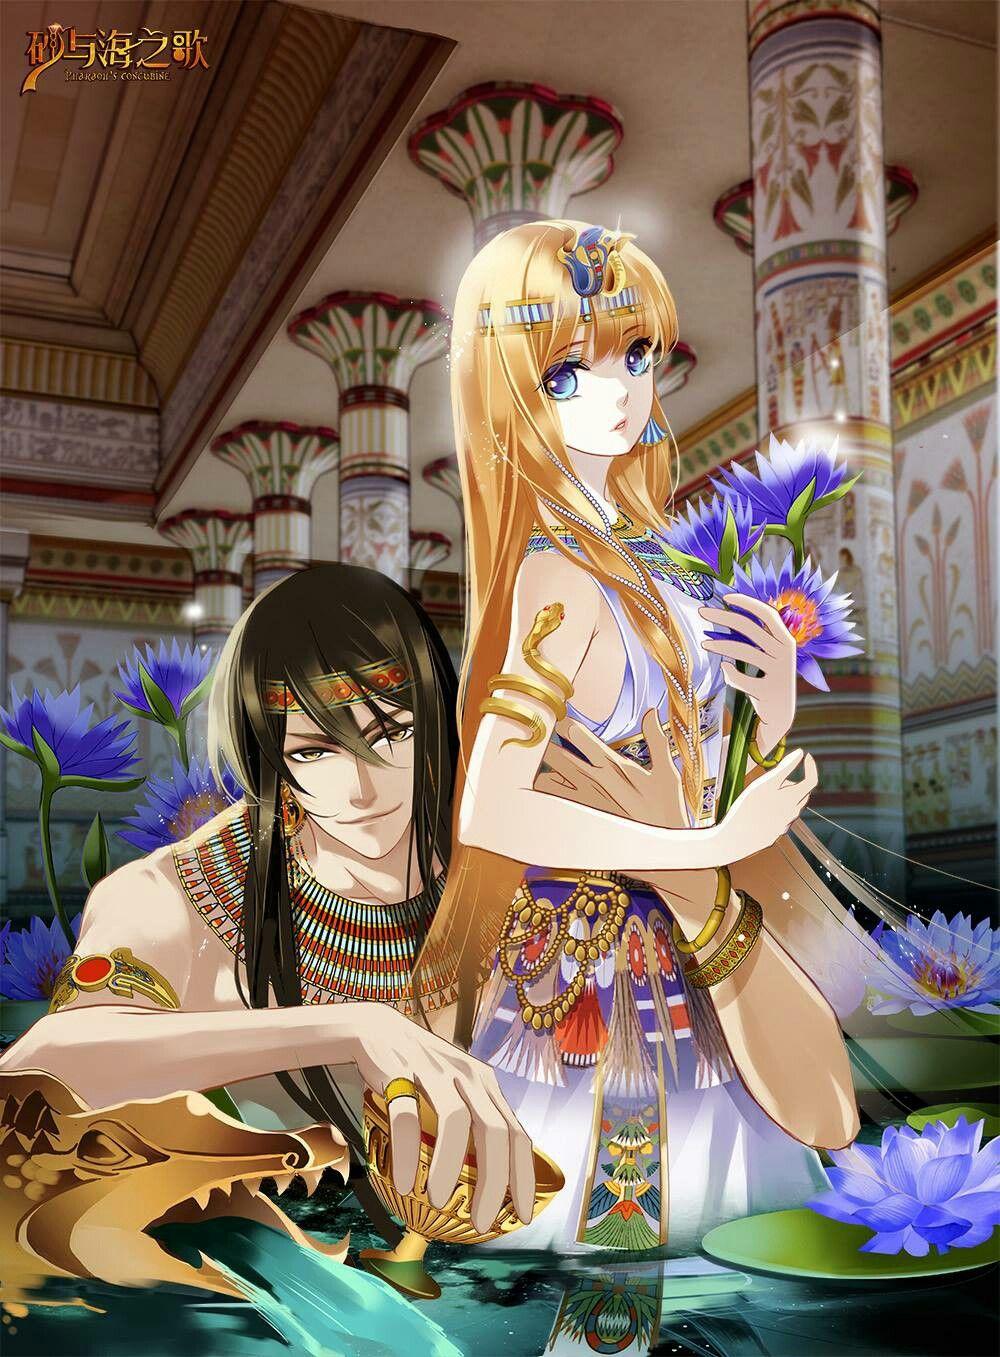 Ghim của Nguyệt Thần trên couple Cosplay anime, Manga, Anime